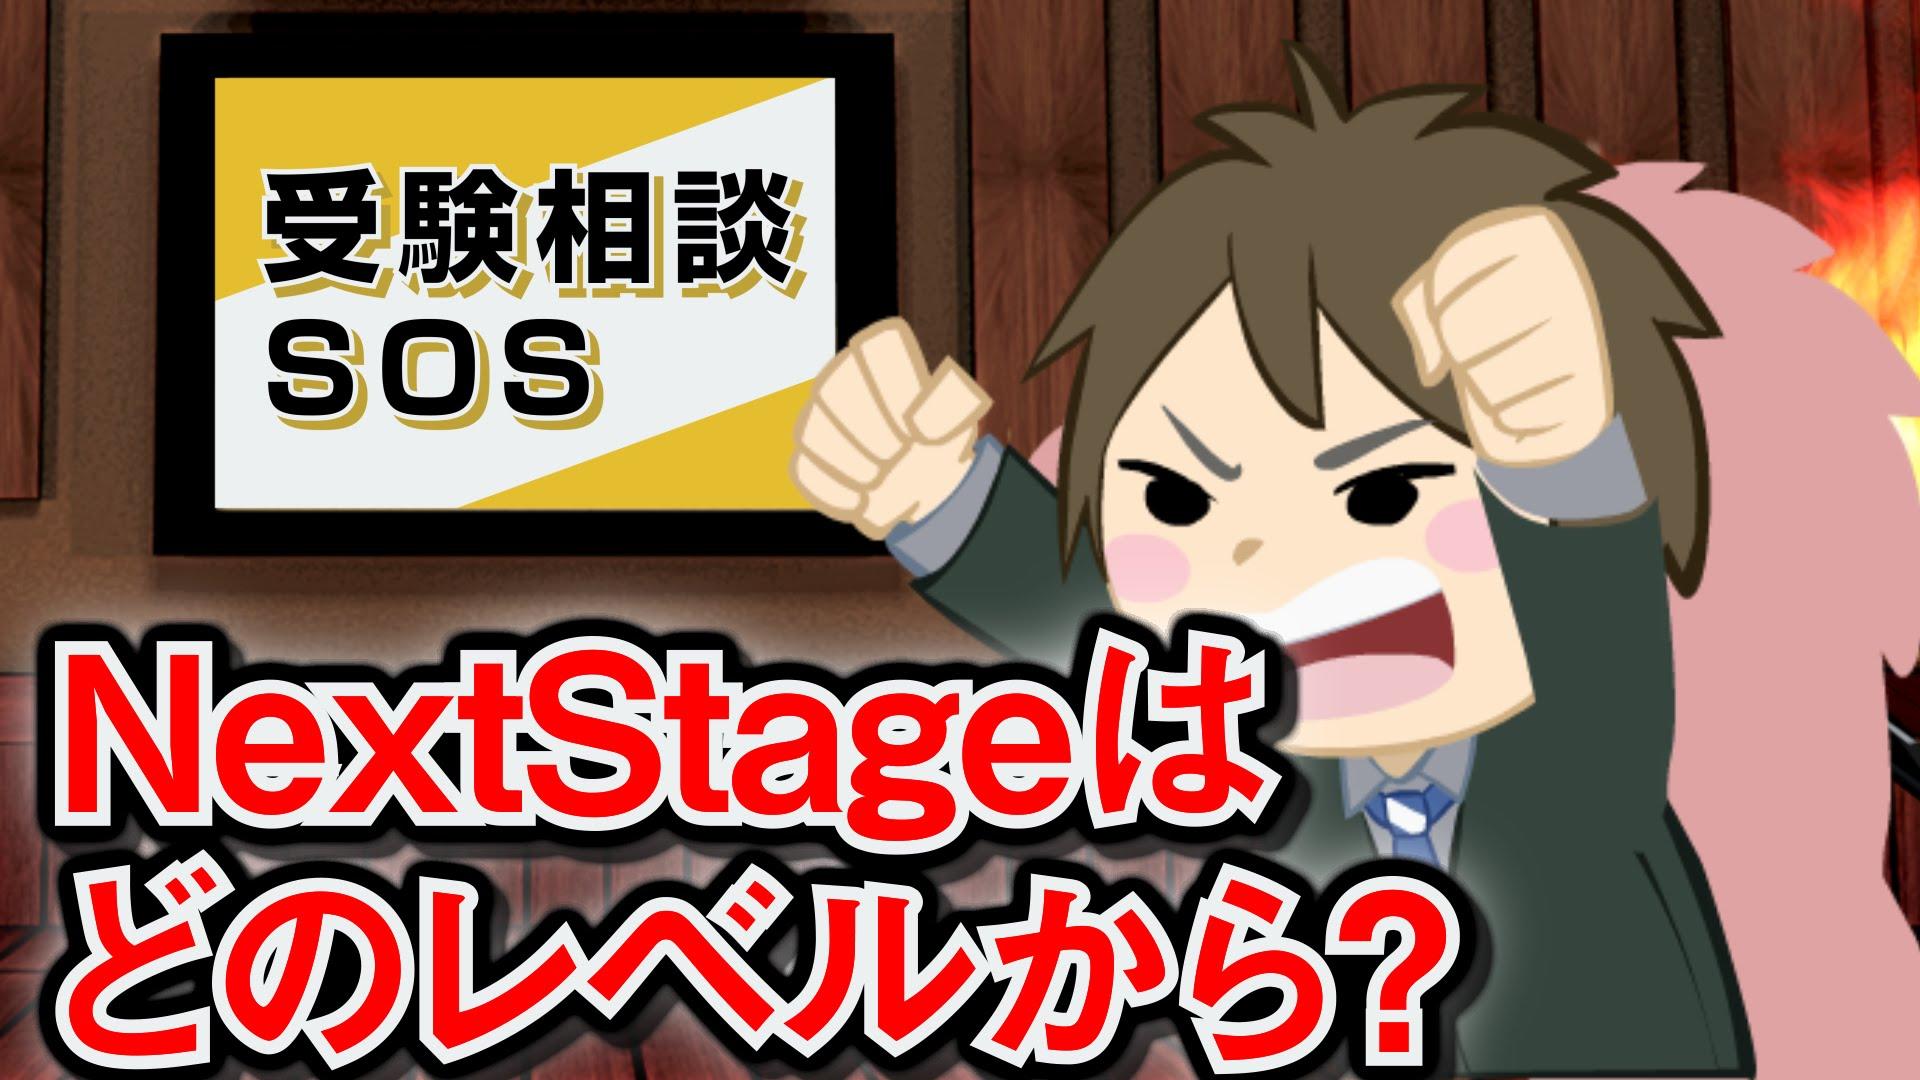 【vol.53】NextStageは高校1年から?2年から?|受験相談SOS